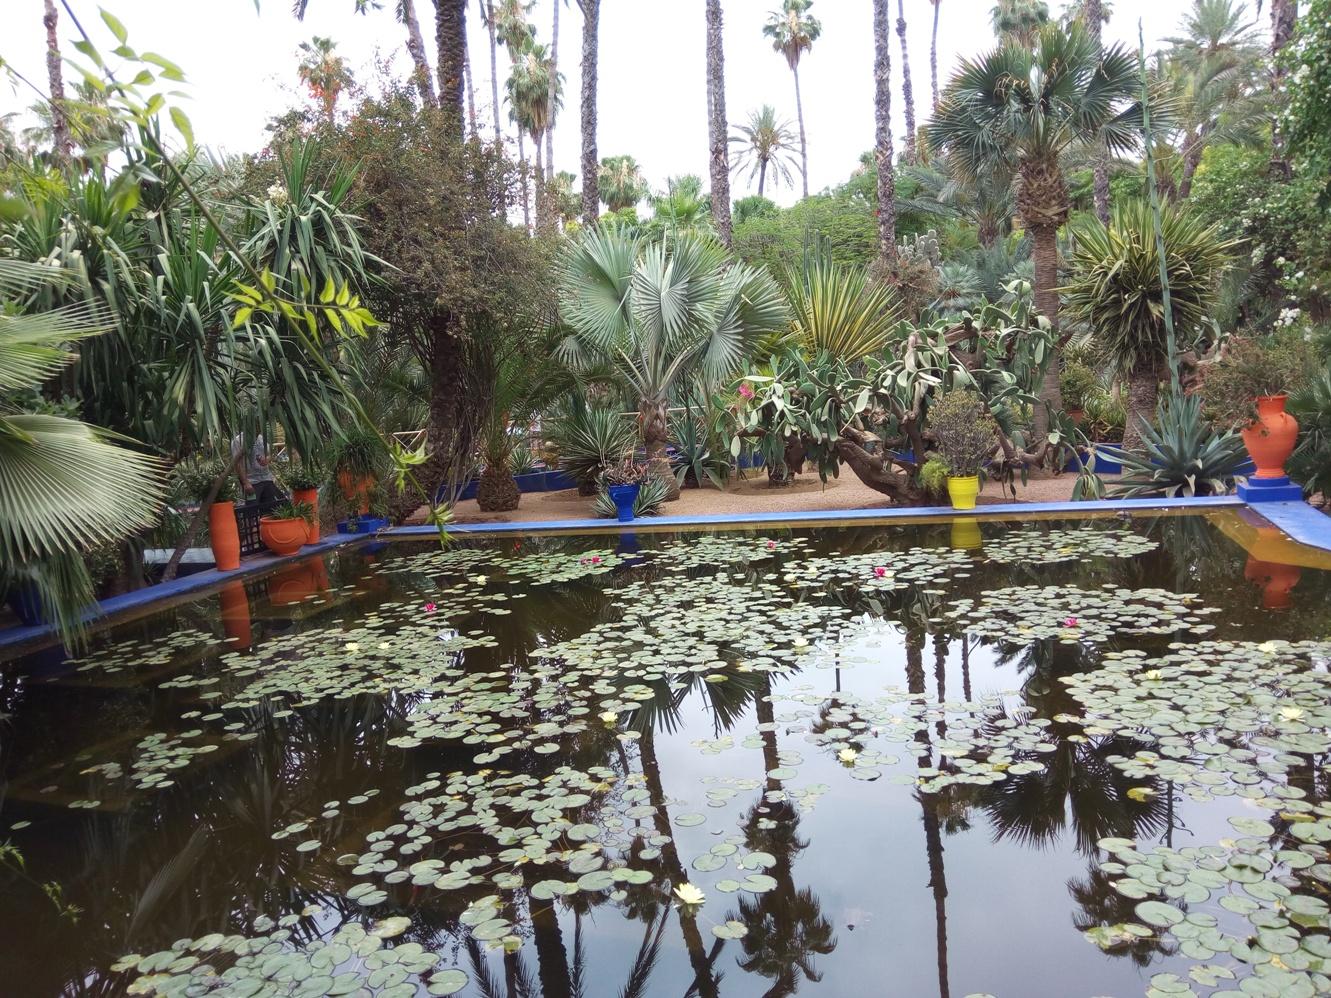 Градината на Ив Сен – Лоран, Маракеш, Мароко, picture 22